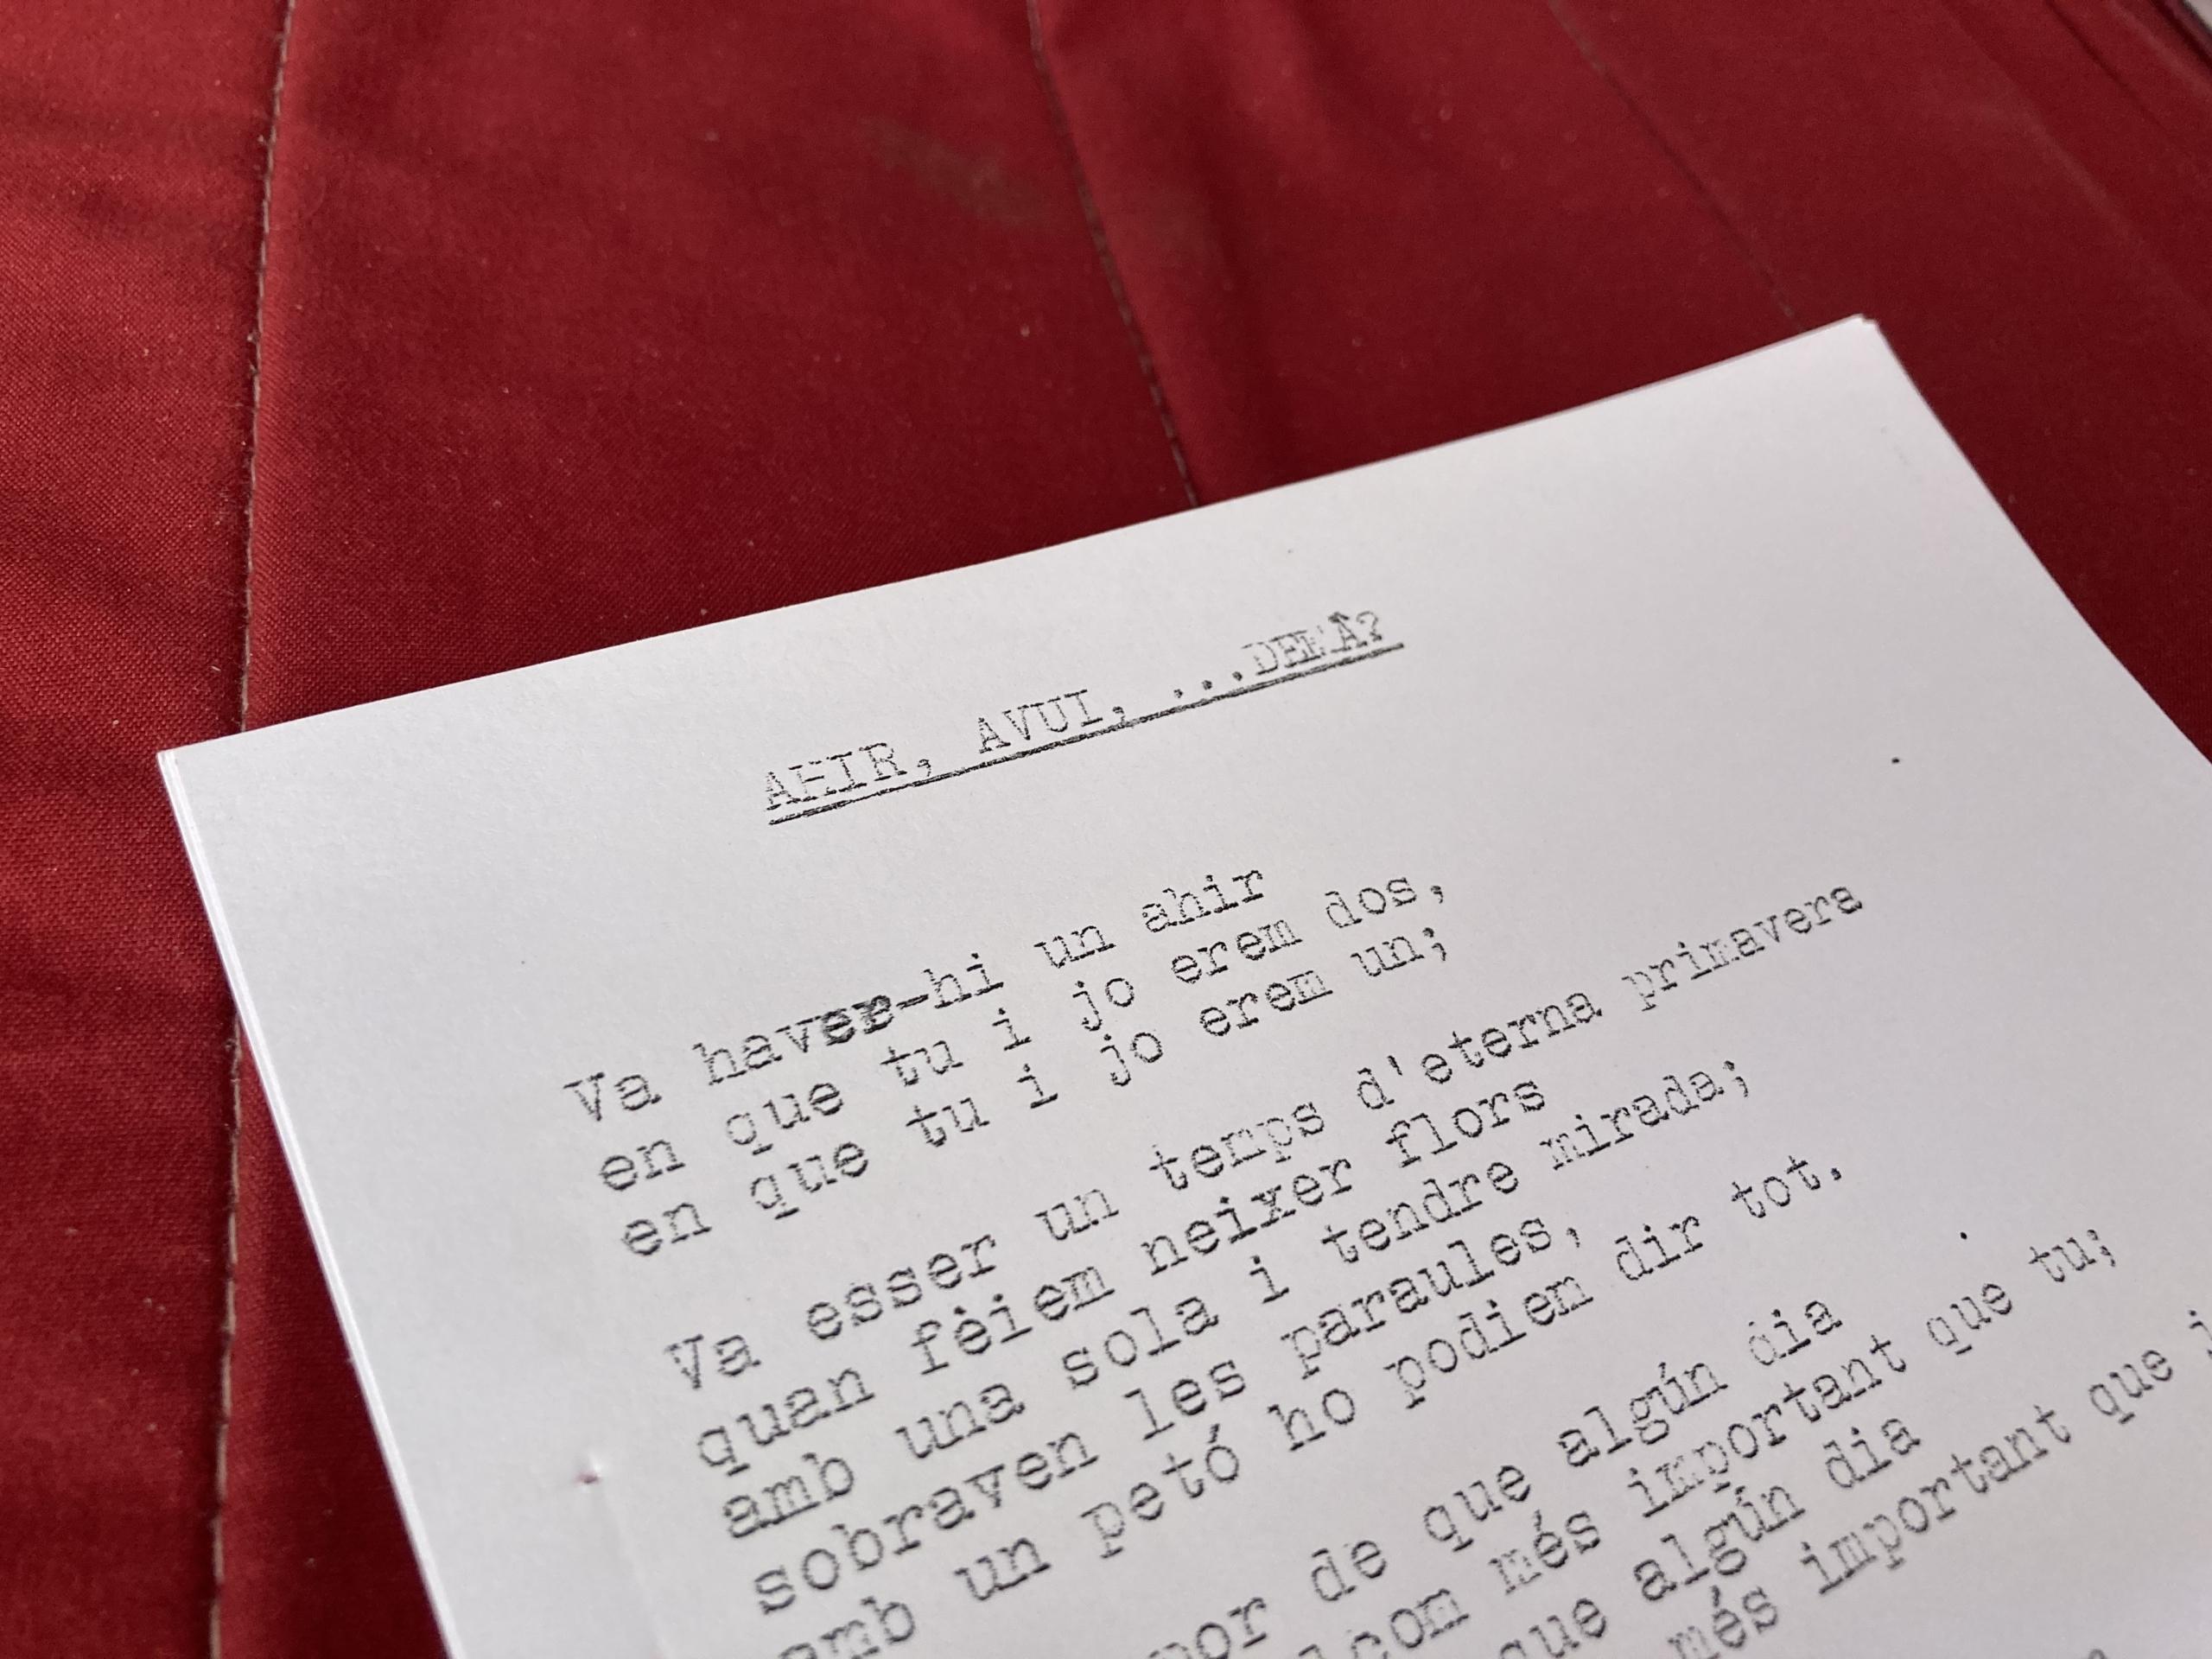 Poemes escrits per l'enòleg Àngel Garcia Petit a primers dels anys vuitanta |E.V.